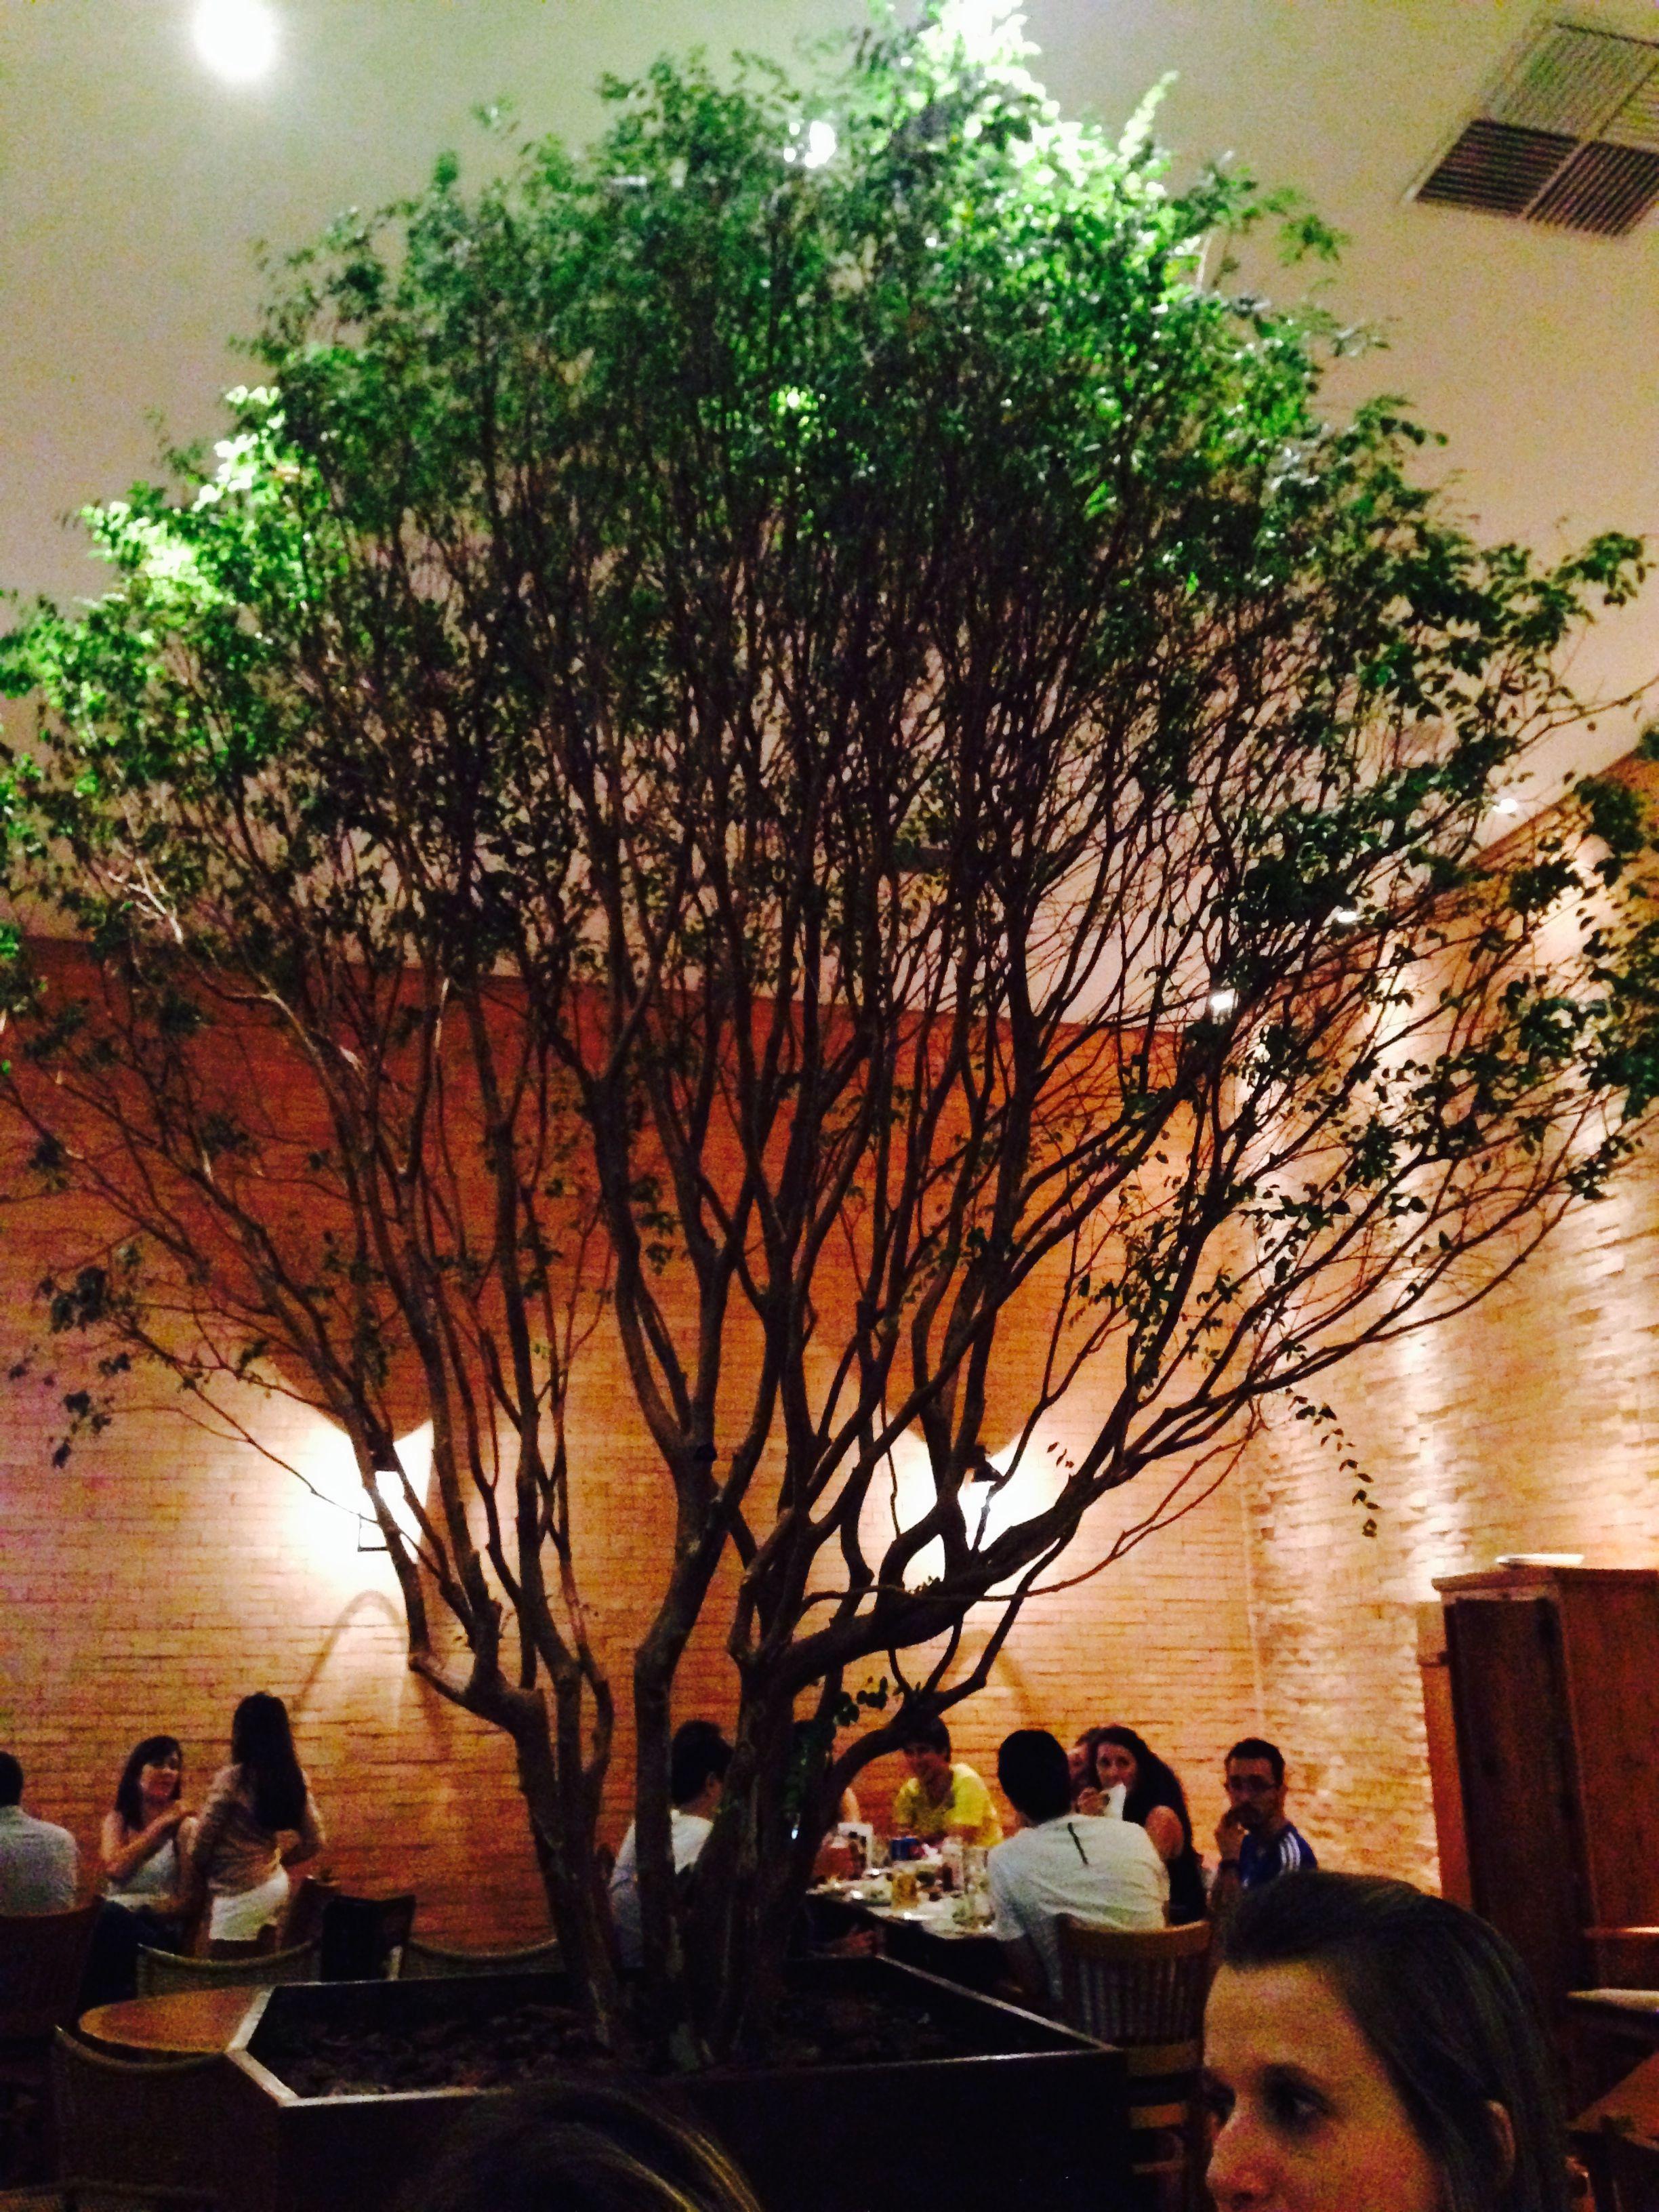 E no meio do restaurante tinha uma árvore <3